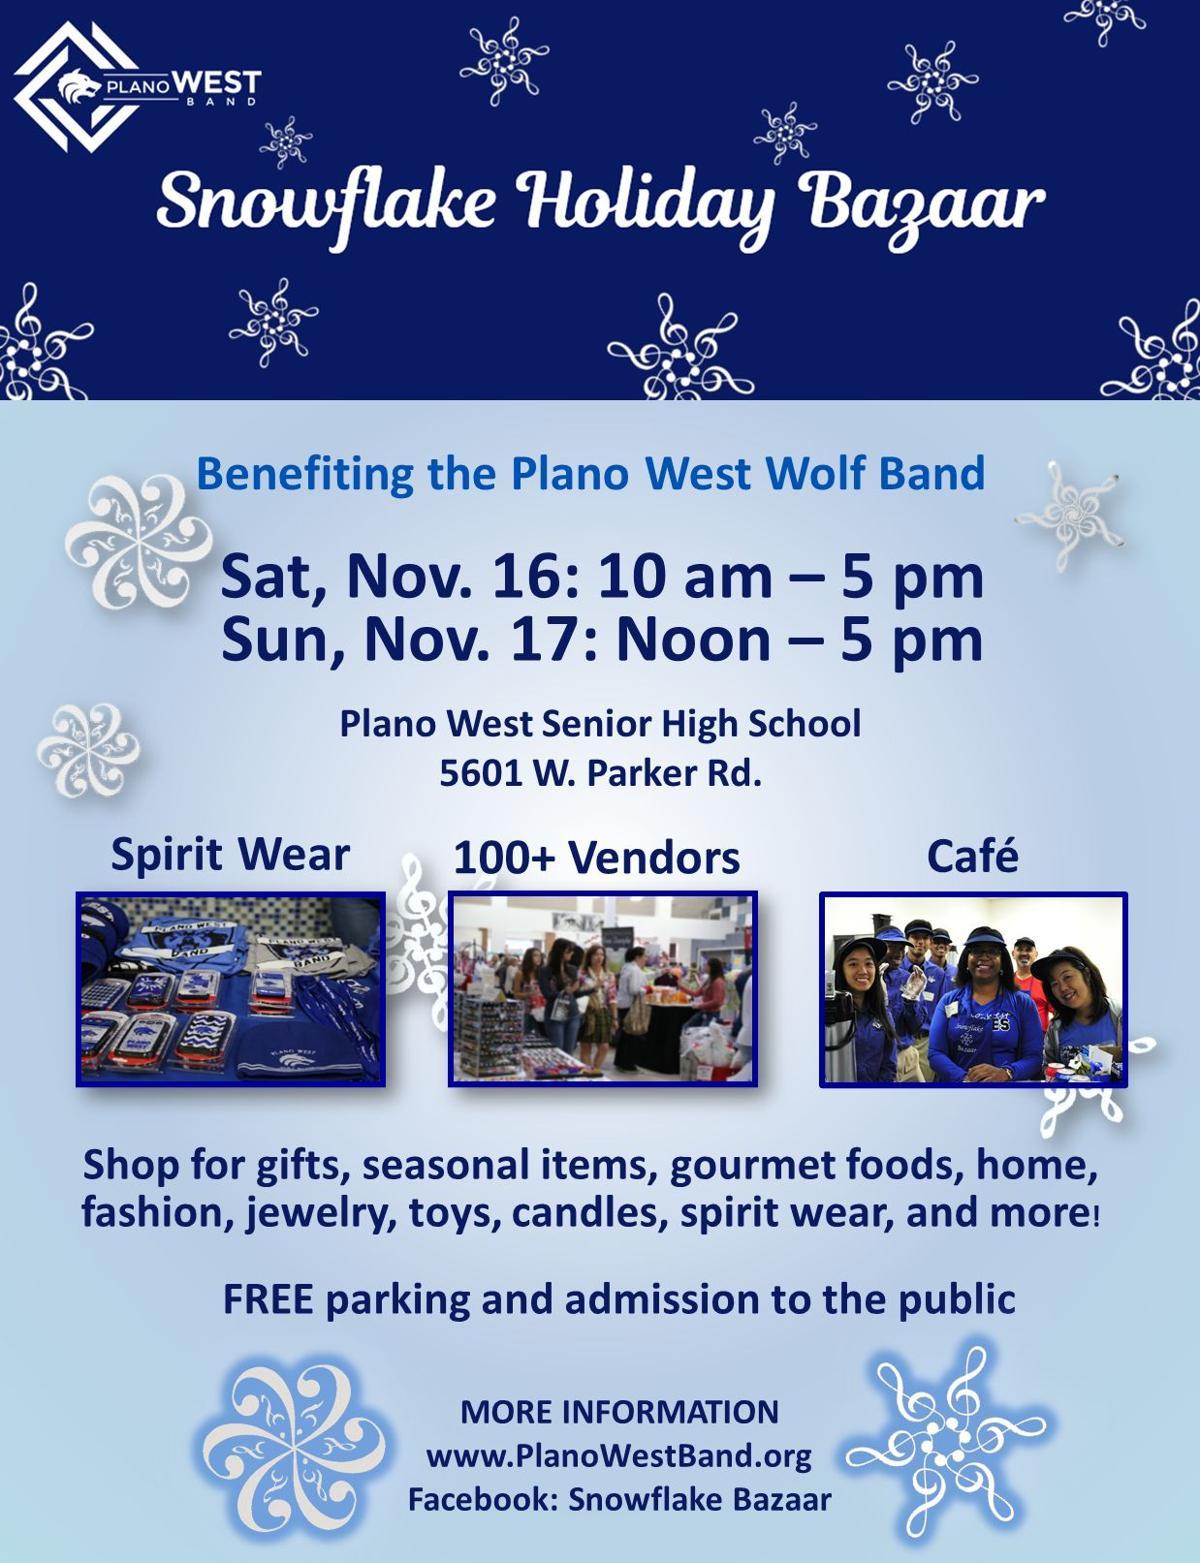 Snowflake Holiday Bazaar